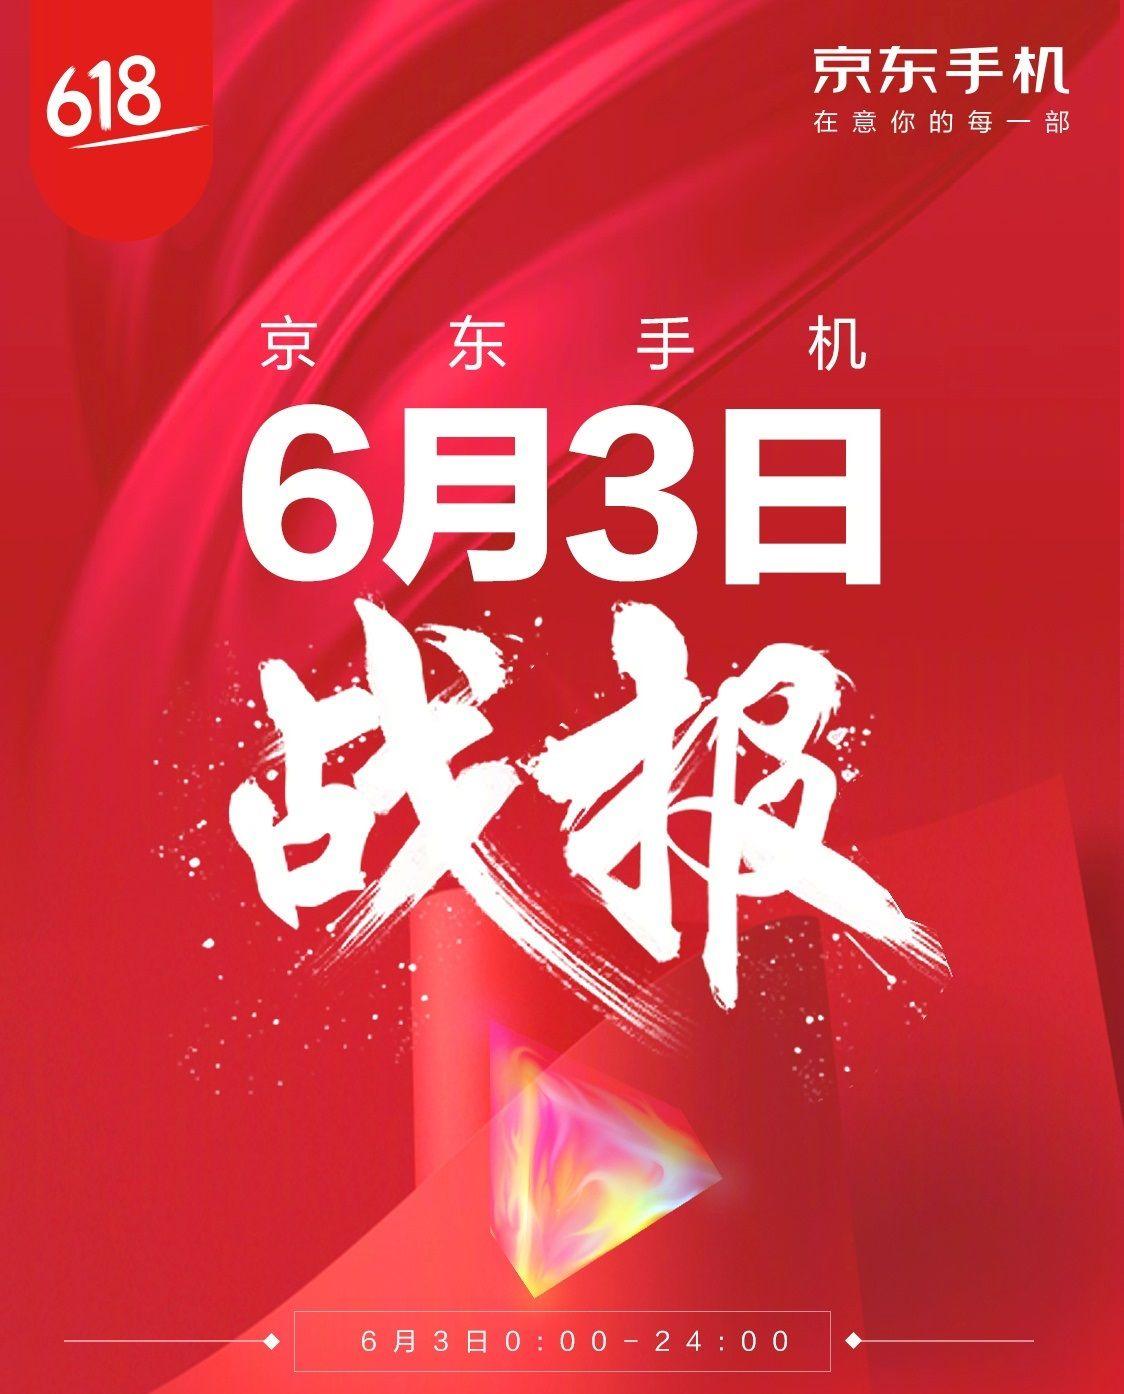 京東の「京東618(創業記念)セール」の3日目のランキングが公開。販売台数TOPはhonor